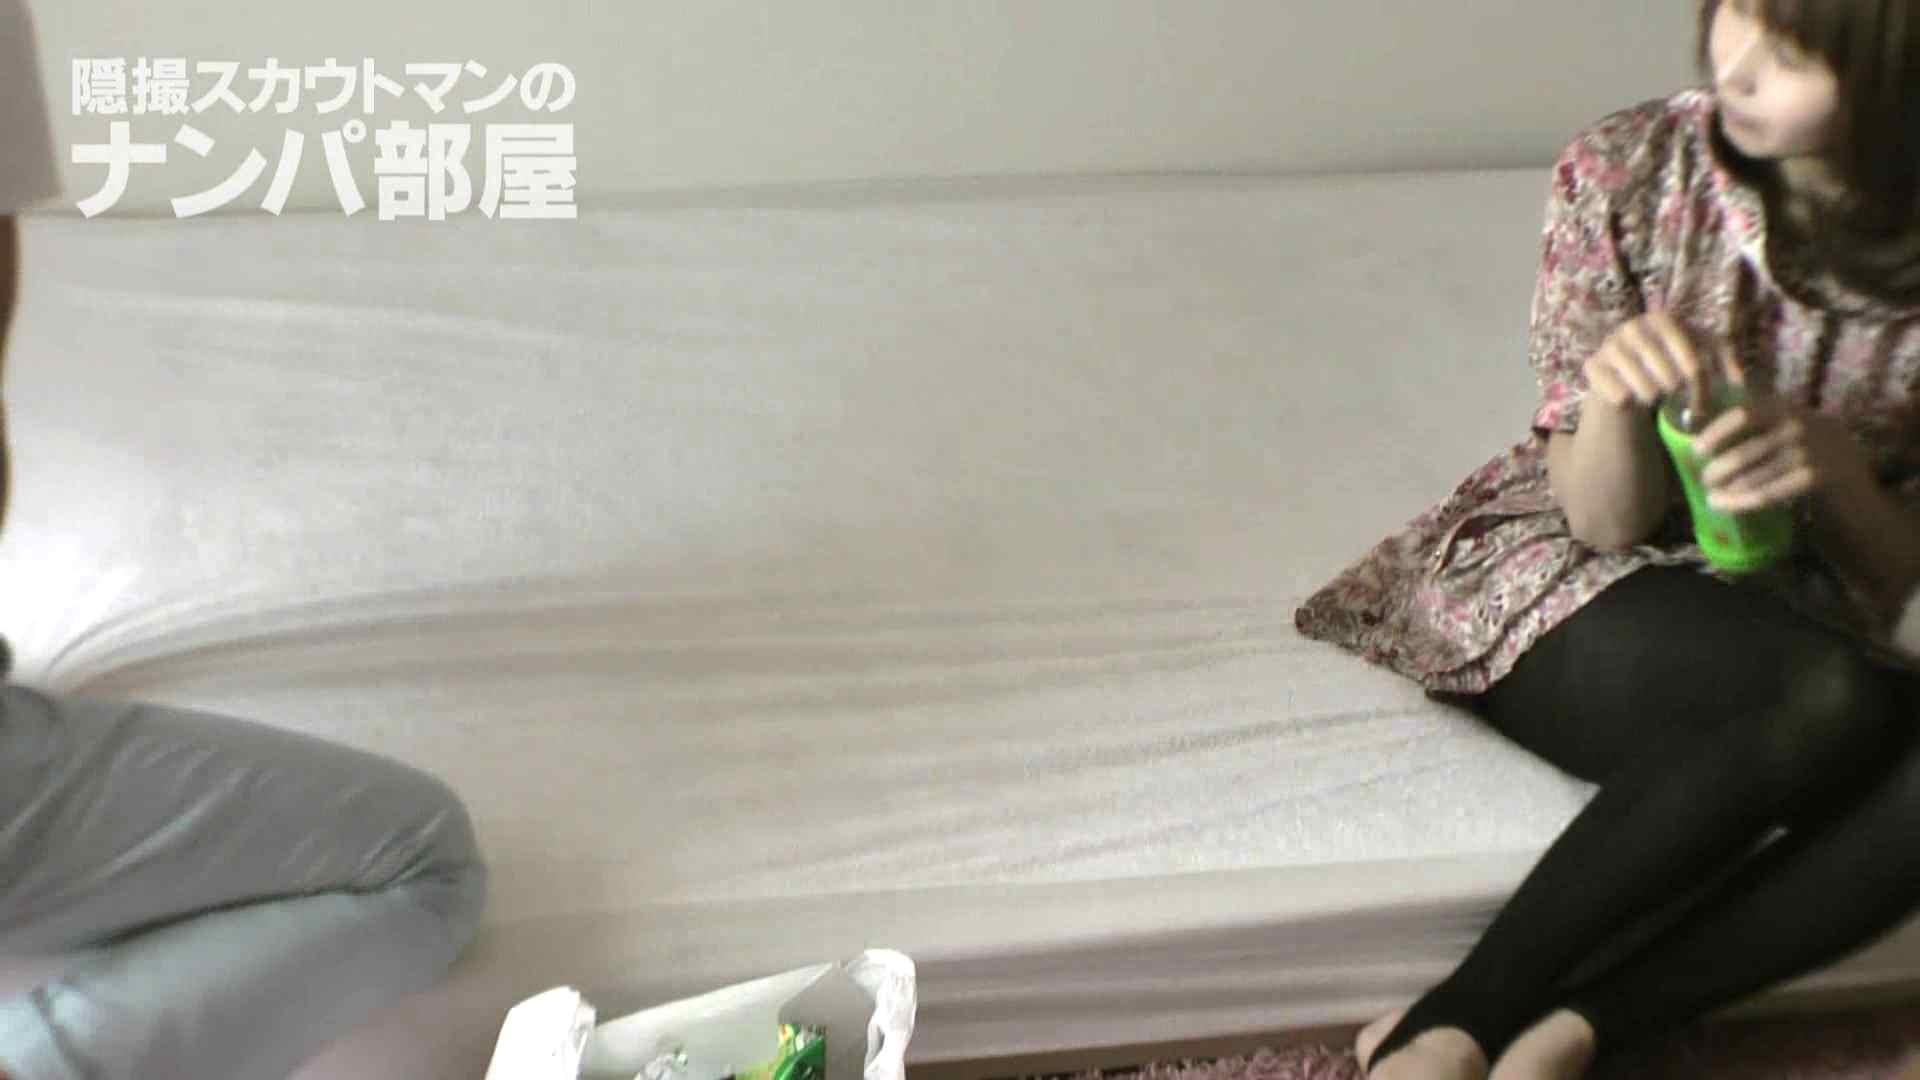 隠撮スカウトマンのナンパ部屋~風俗デビュー前のつまみ食い~ sii 隠撮  68連発 6